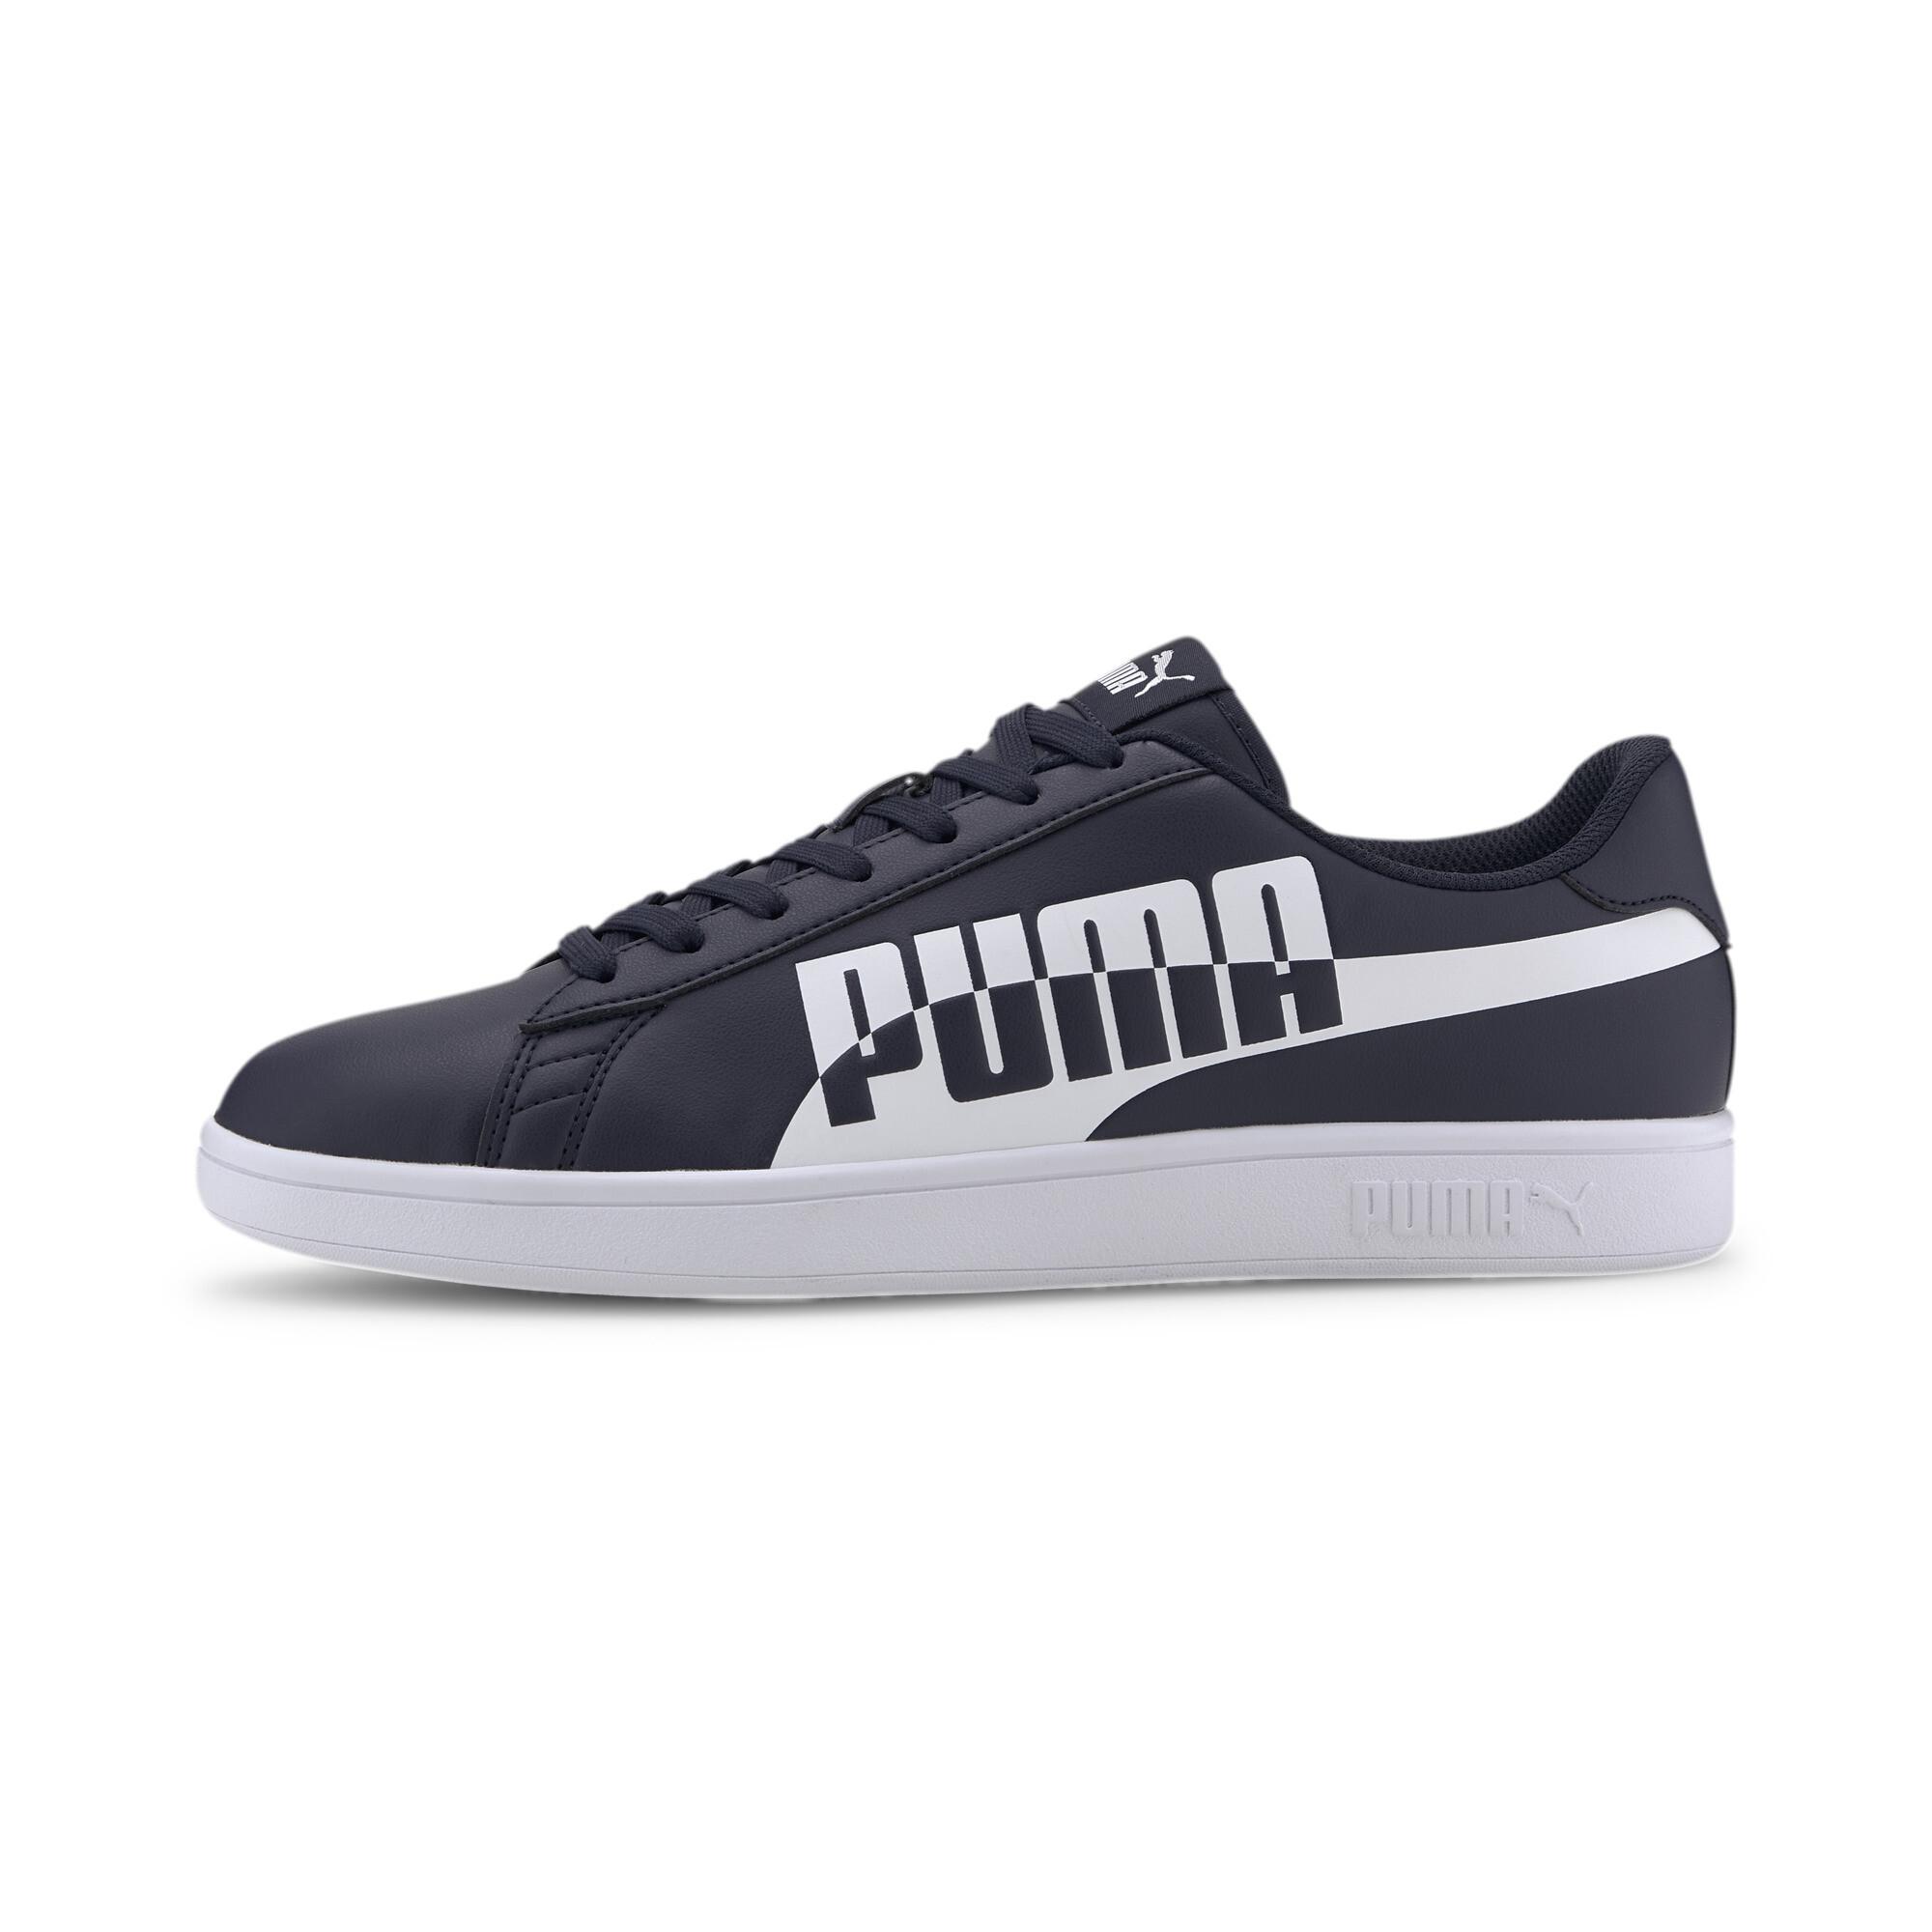 PUMA-PUMA-Smash-v2-Max-Sneakers-Men-Shoe-Basics thumbnail 9